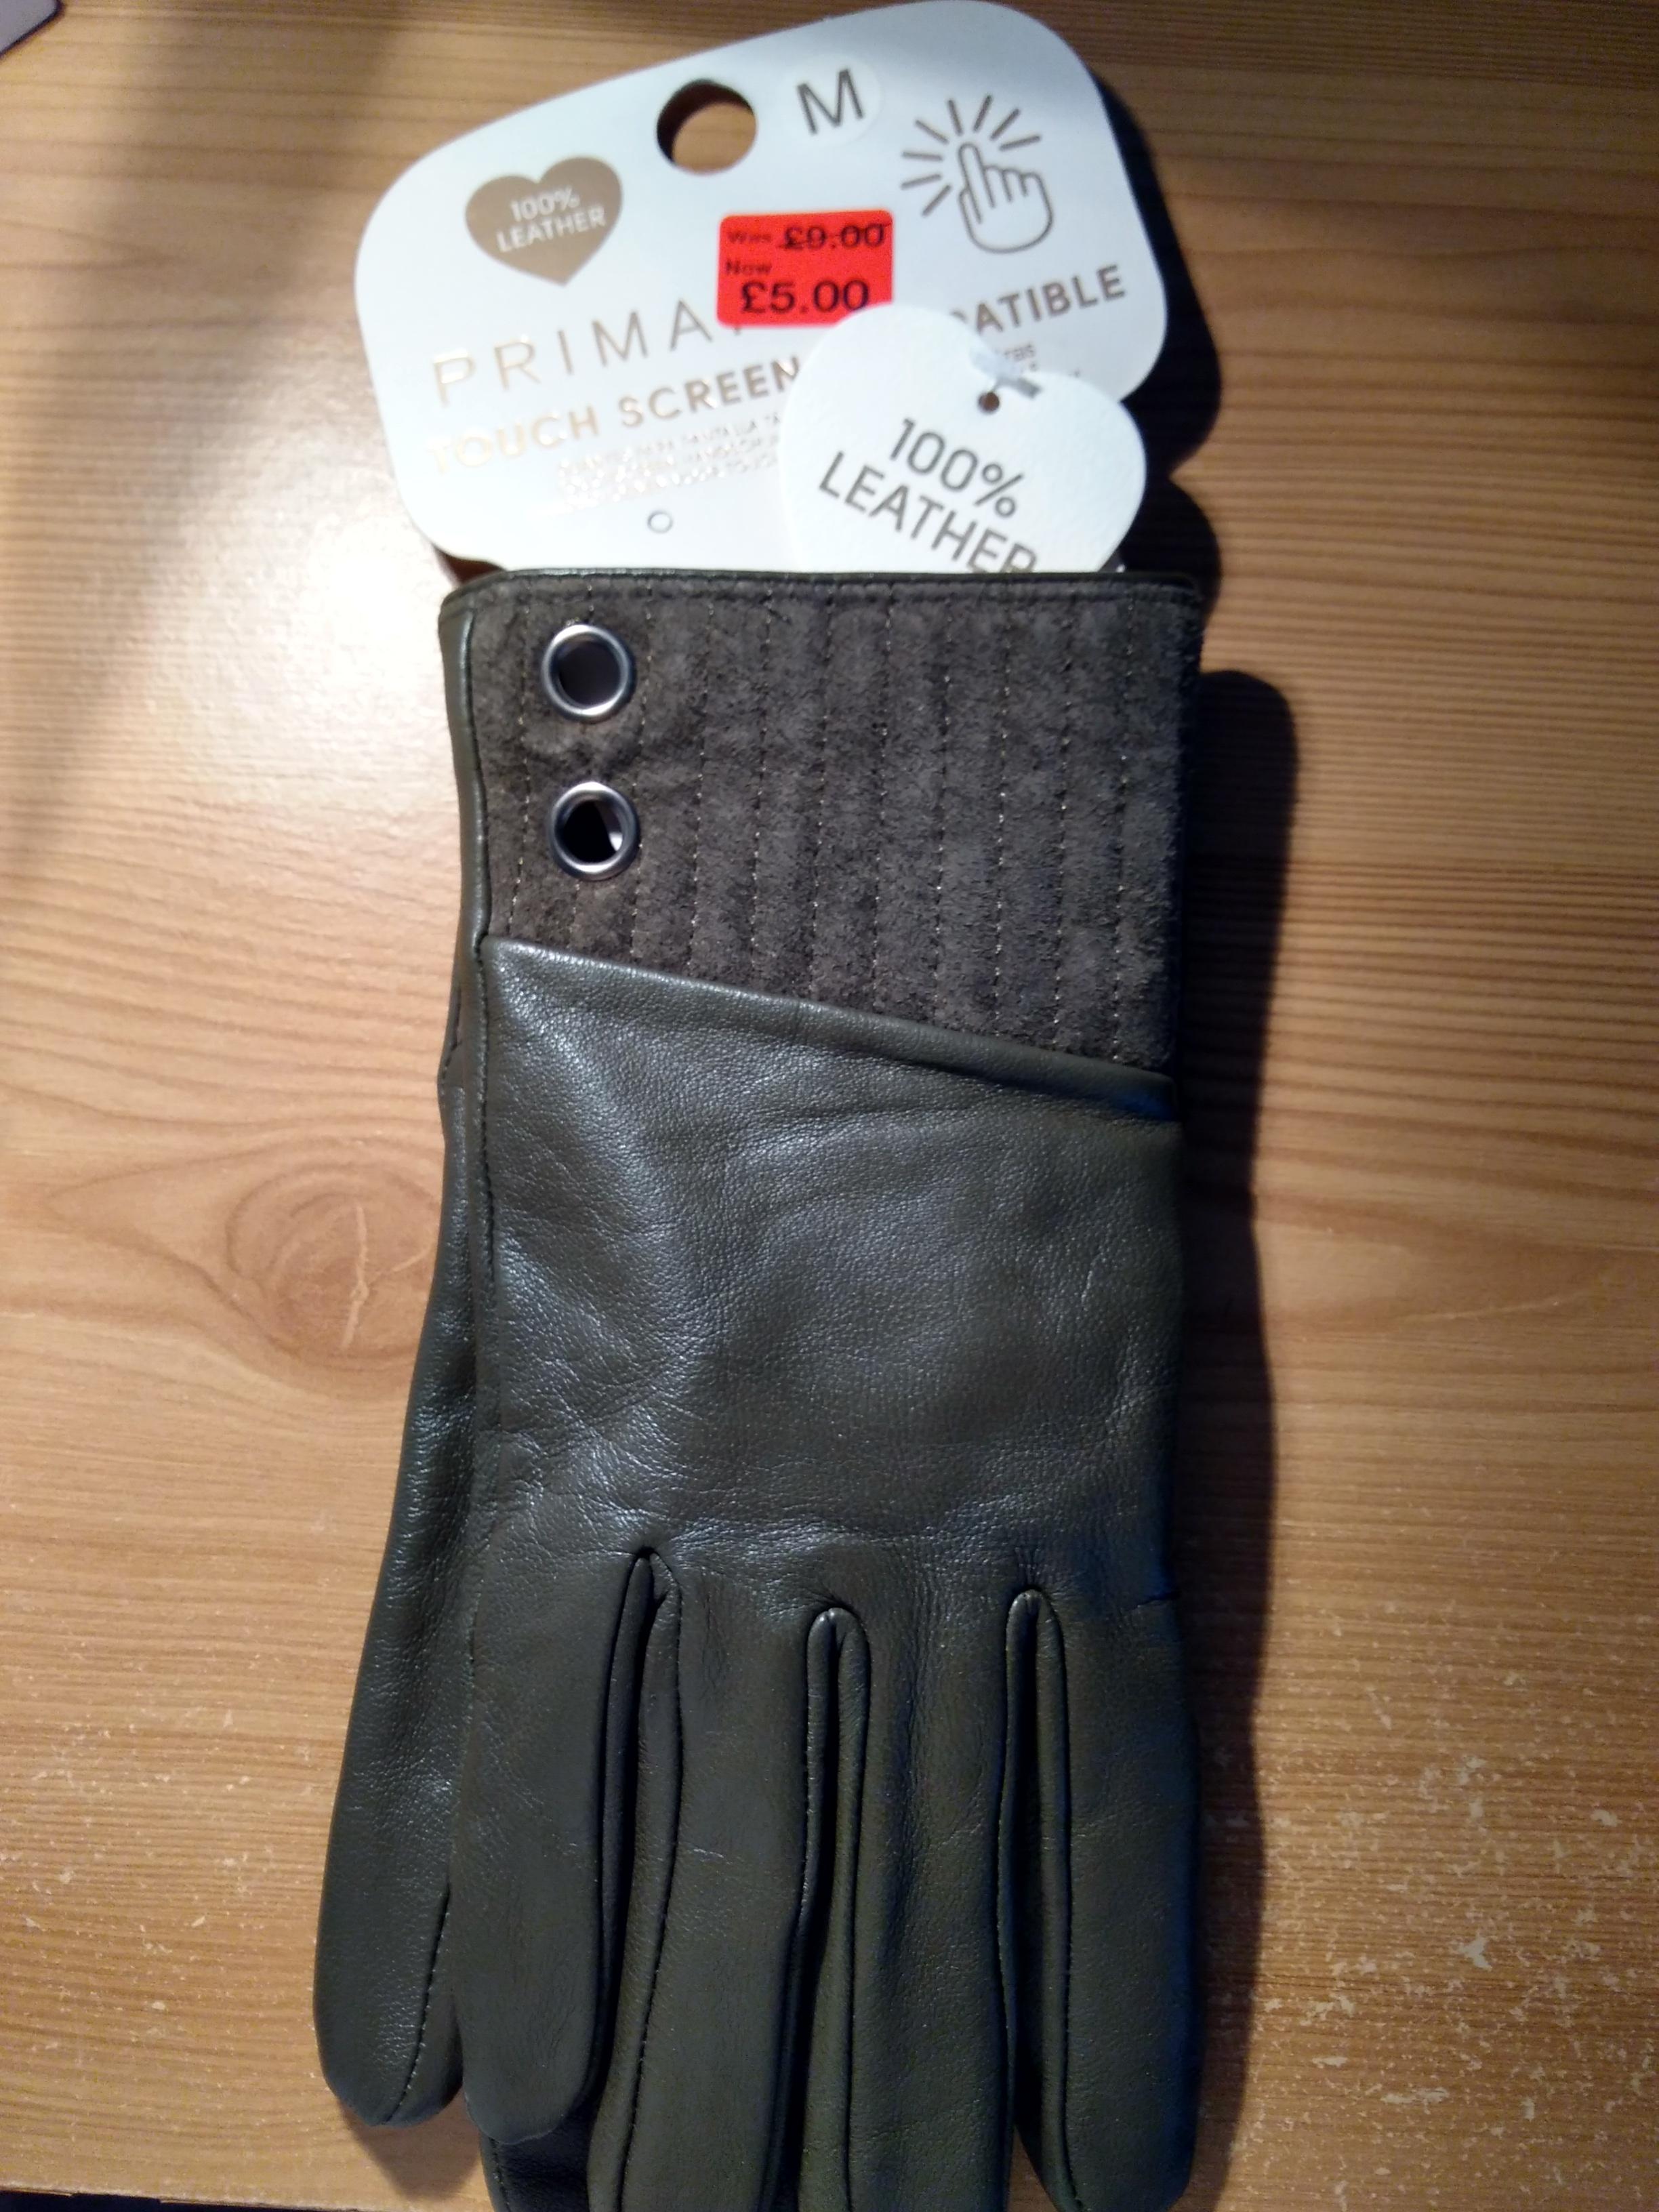 Leather Gloves £5 in Primark